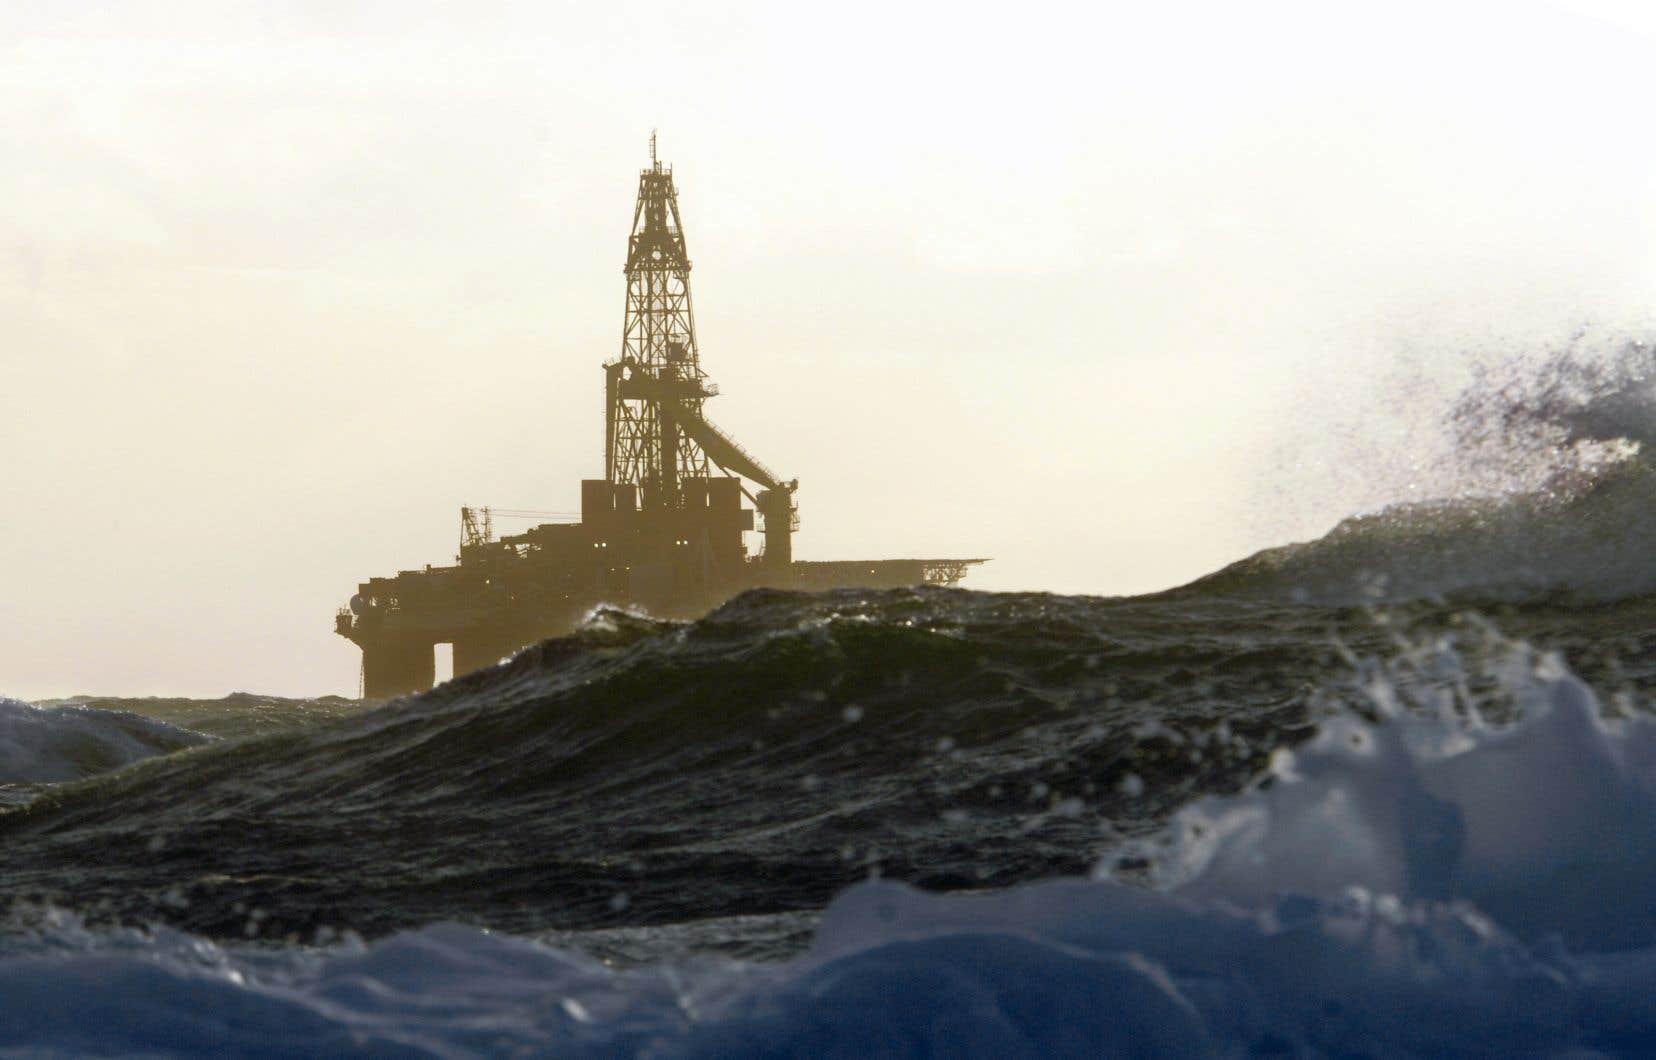 Au moins 100 forages exploratoires sont envisagés d'ici 2030, dans le but de doubler la production pétrolière deTerre-Neuve et Labrador au cours des prochaines années.